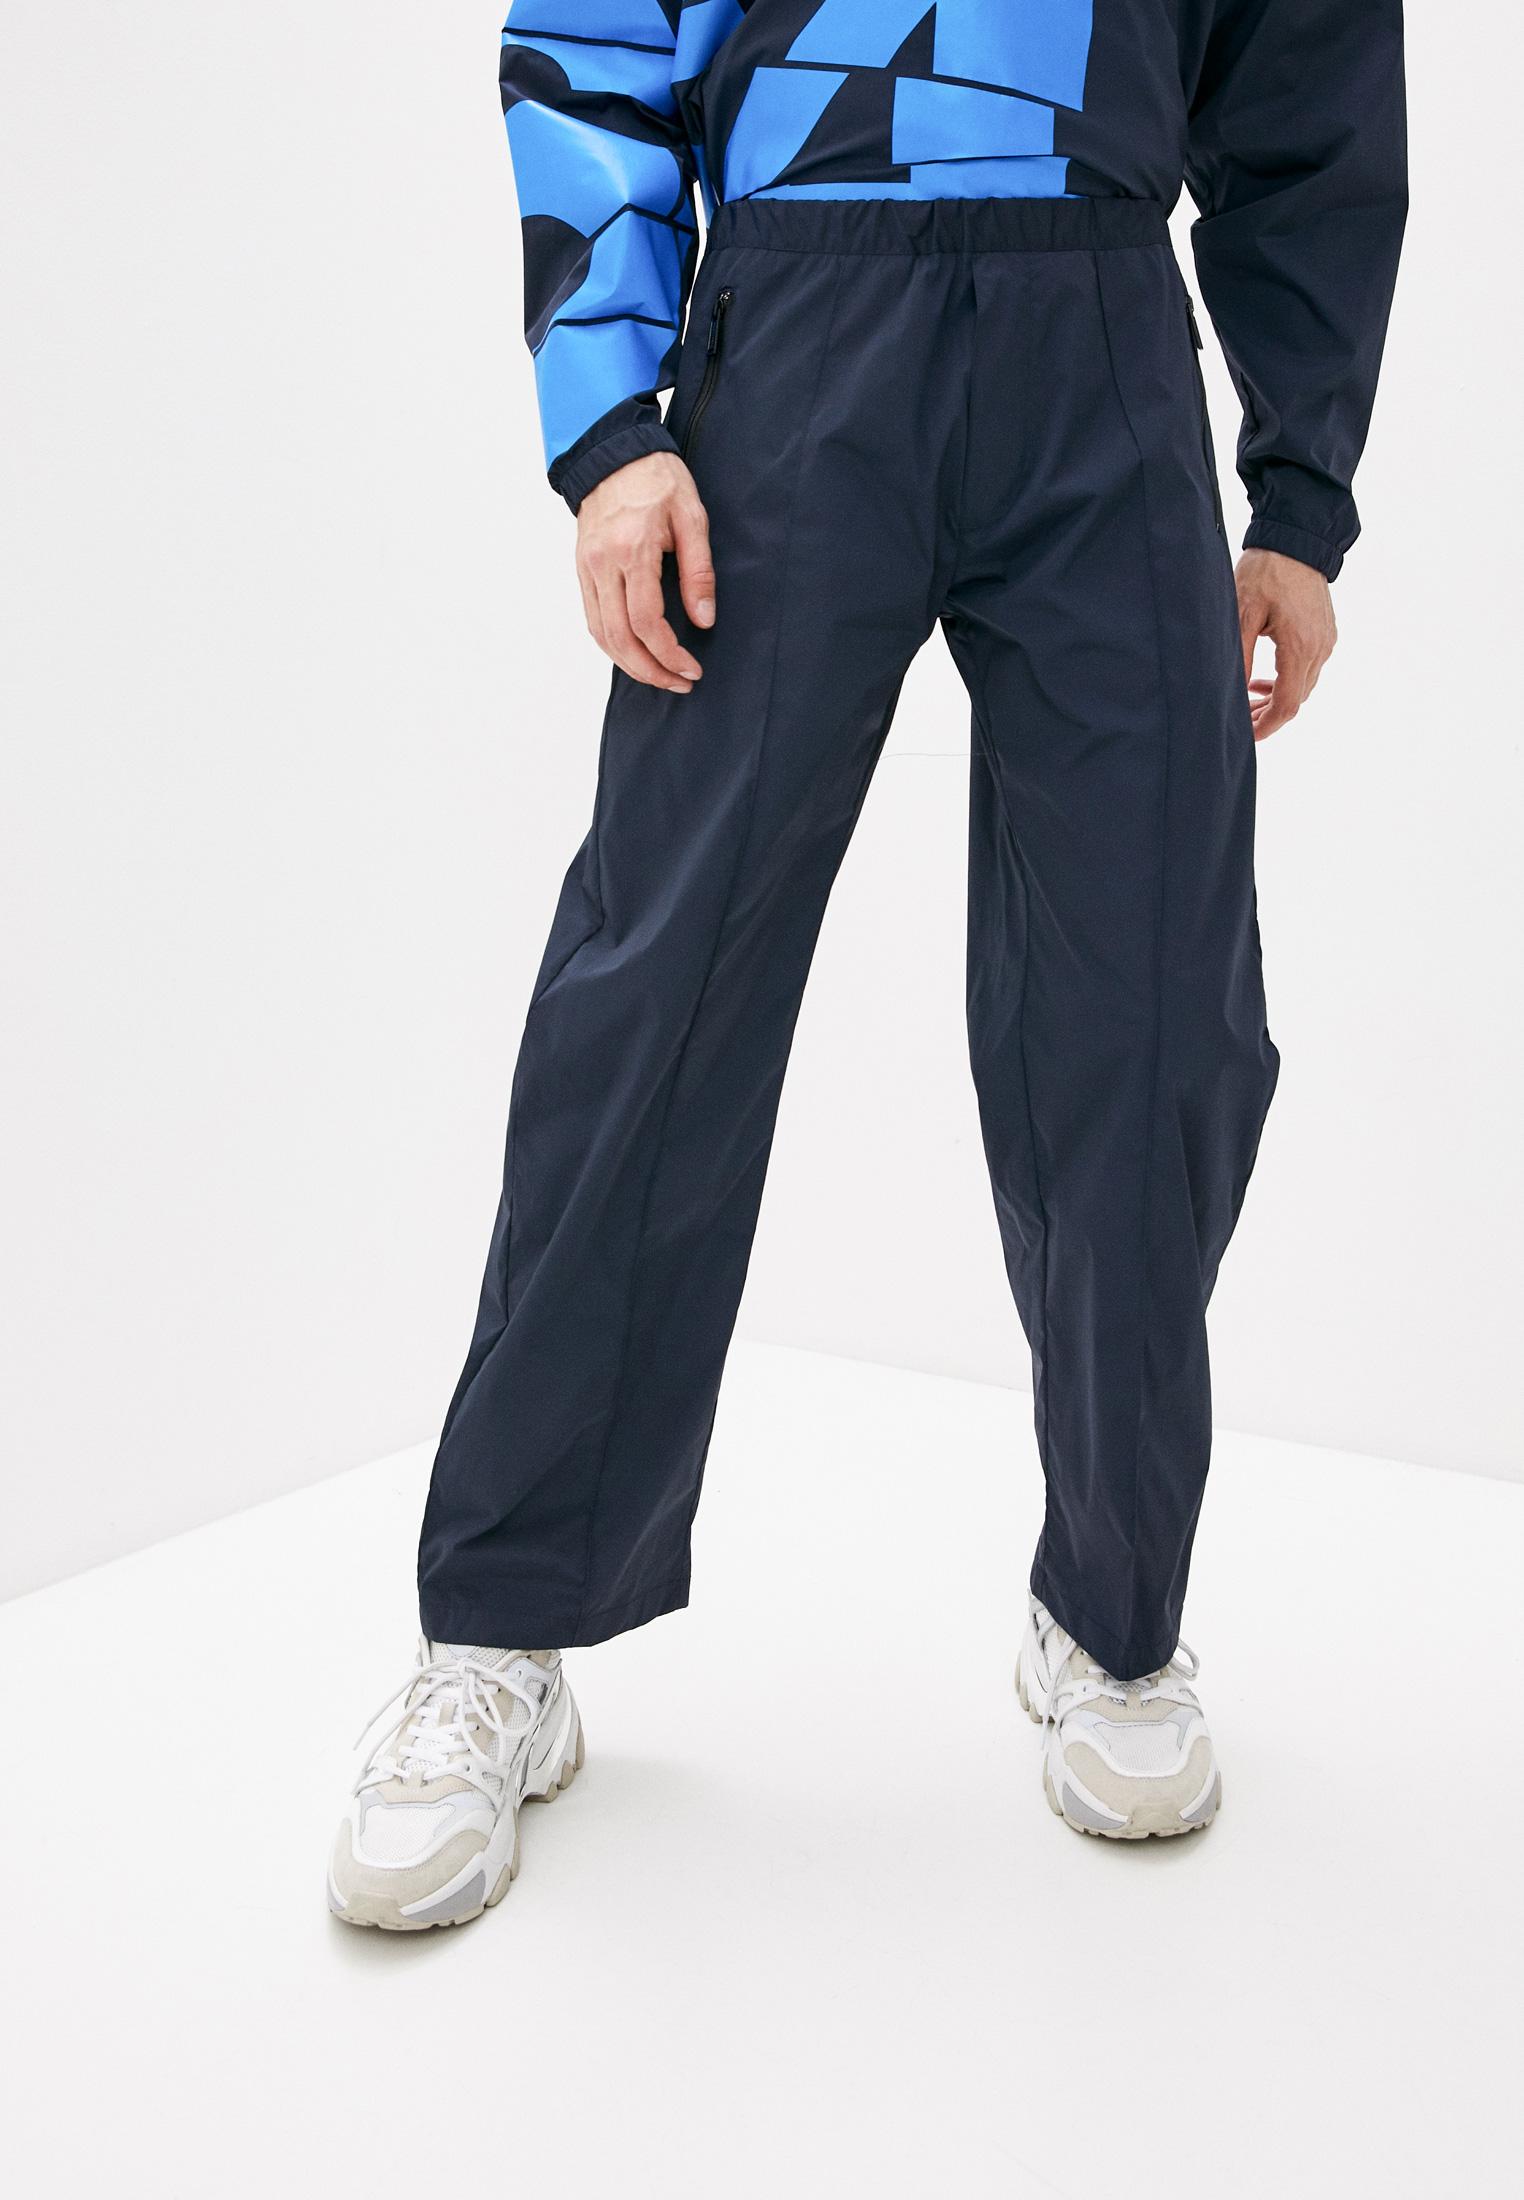 Мужские спортивные брюки Dsquared2 Брюки спортивные Dsquared2